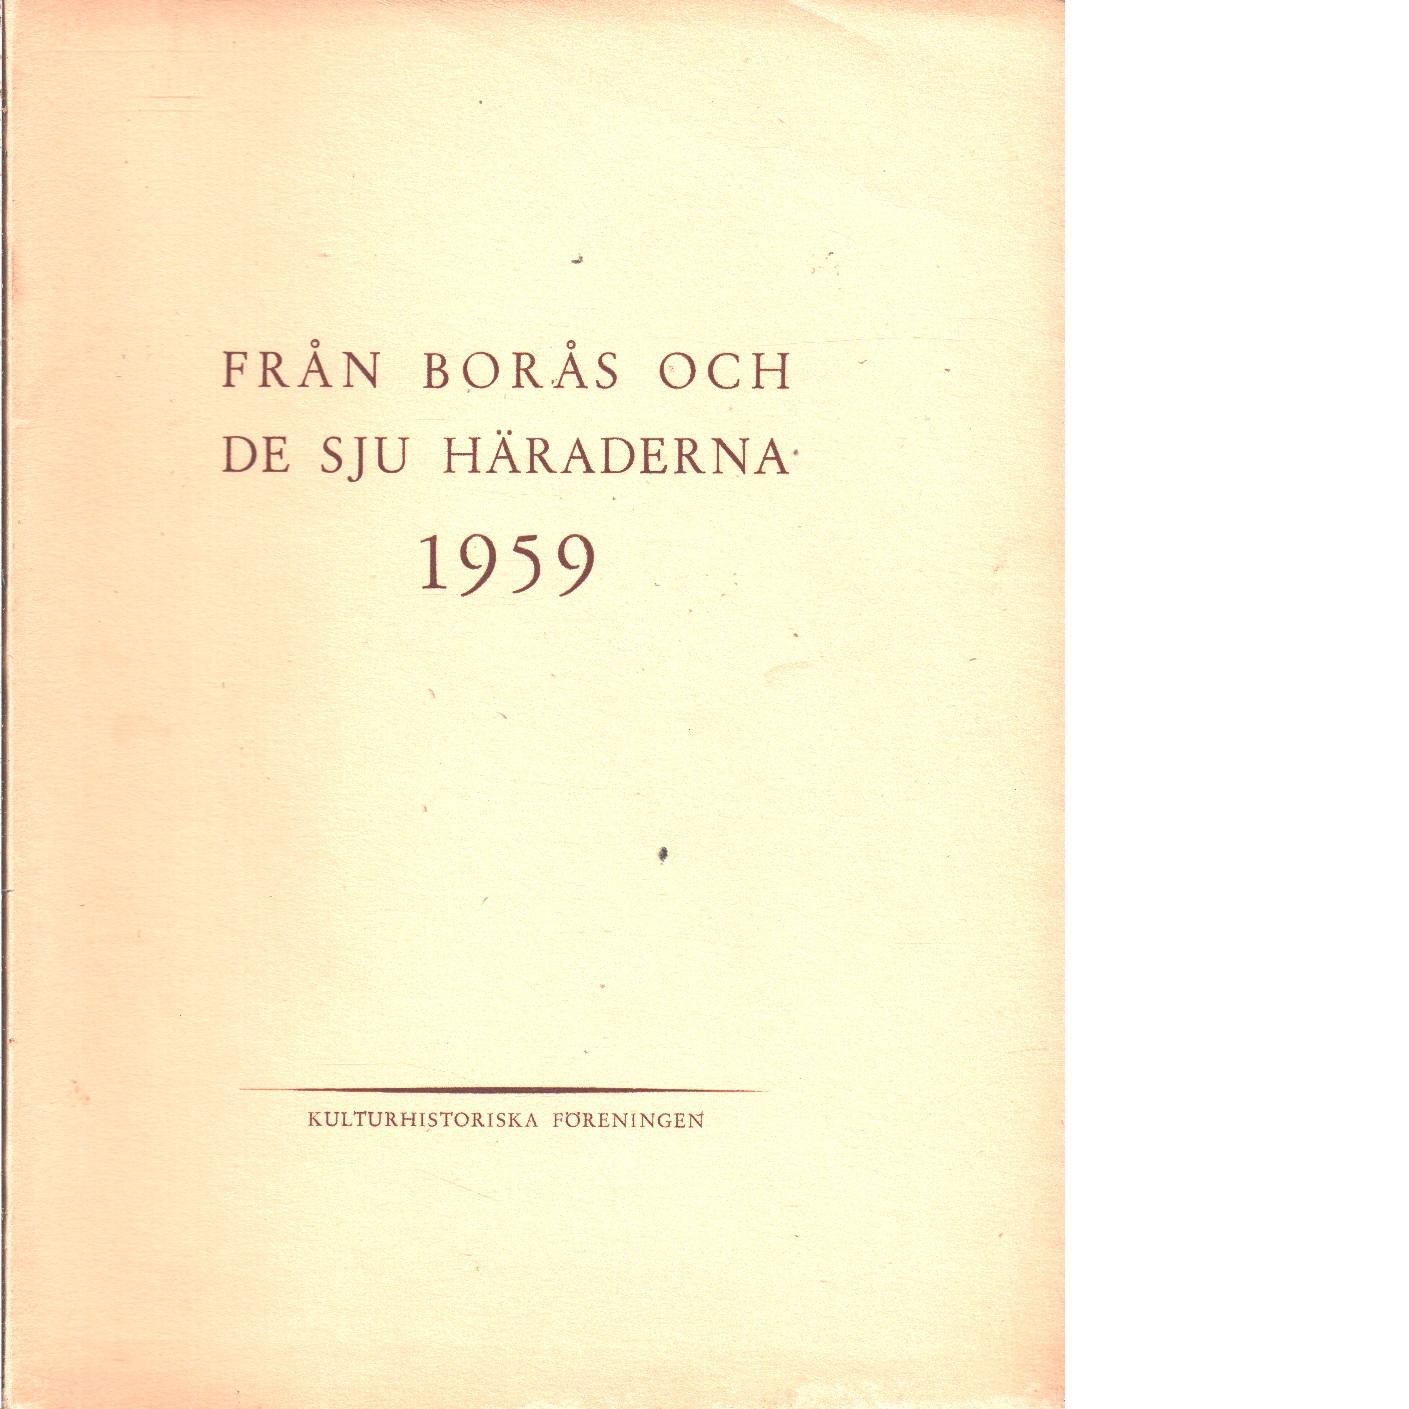 Från Borås och de sju häraderna. 1959 - Red. De sju häradernas kulturhistoriska förening